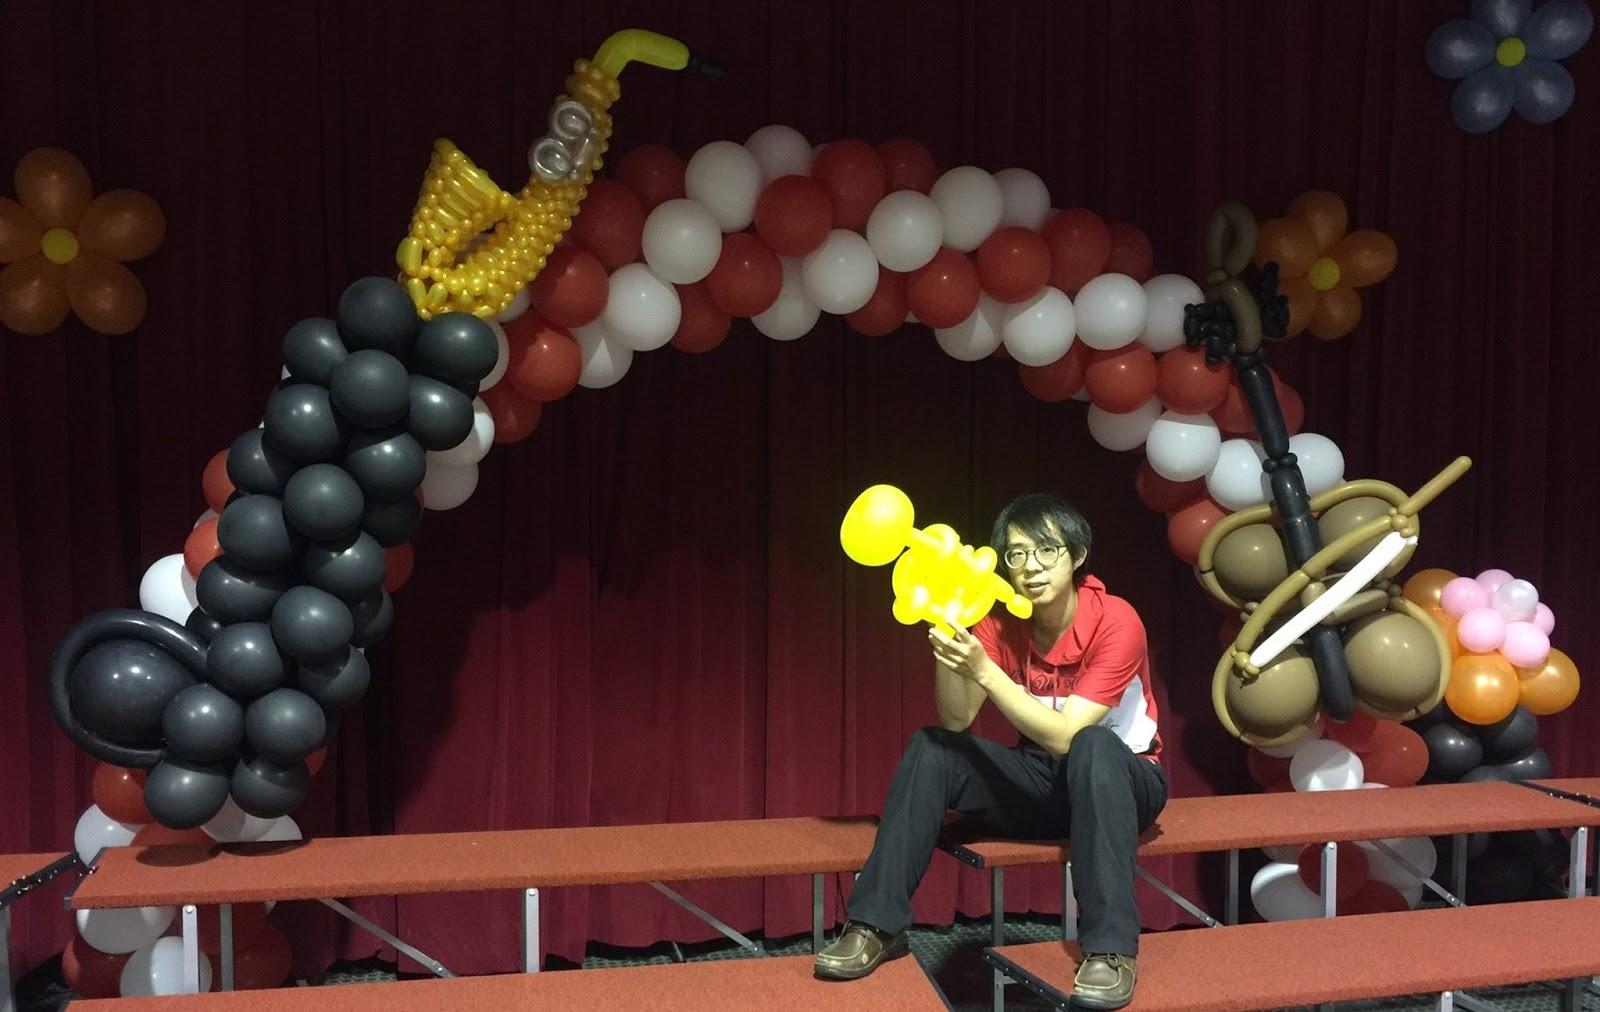 氣球成果發表佈置-薩克斯風,提琴